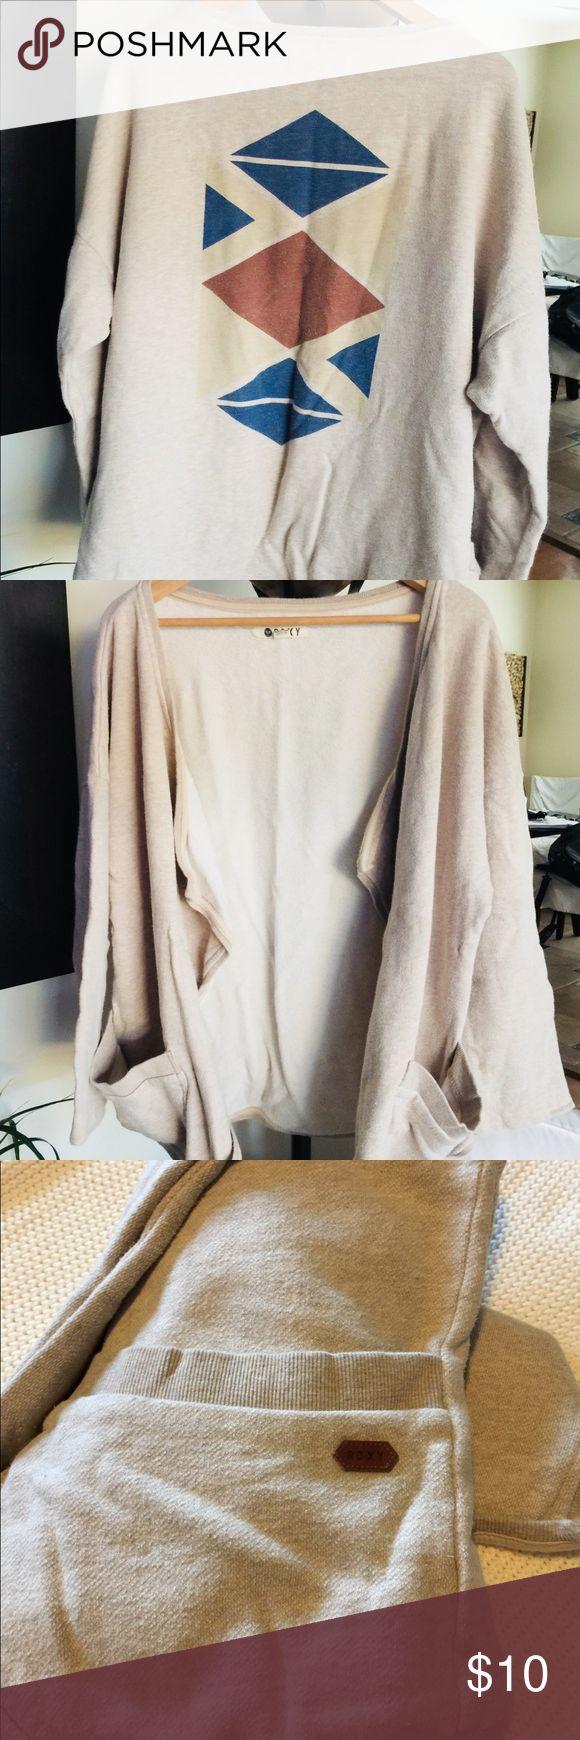 Roxy Cardigan Sweater Warm and cozy cardigan sweater Roxy Sweaters Cardigans